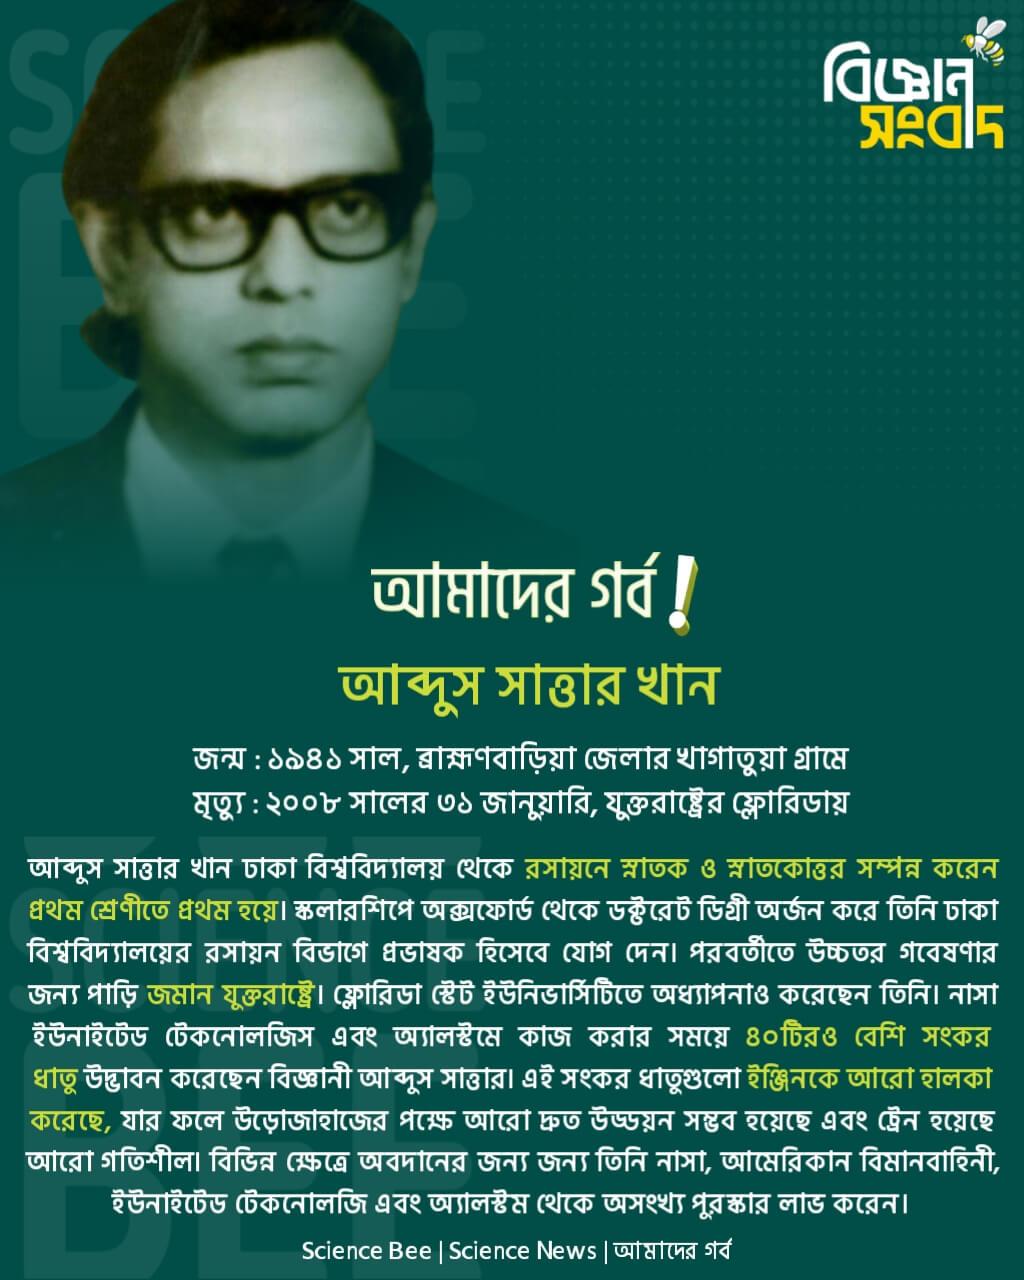 আবদুস সাত্তার খান